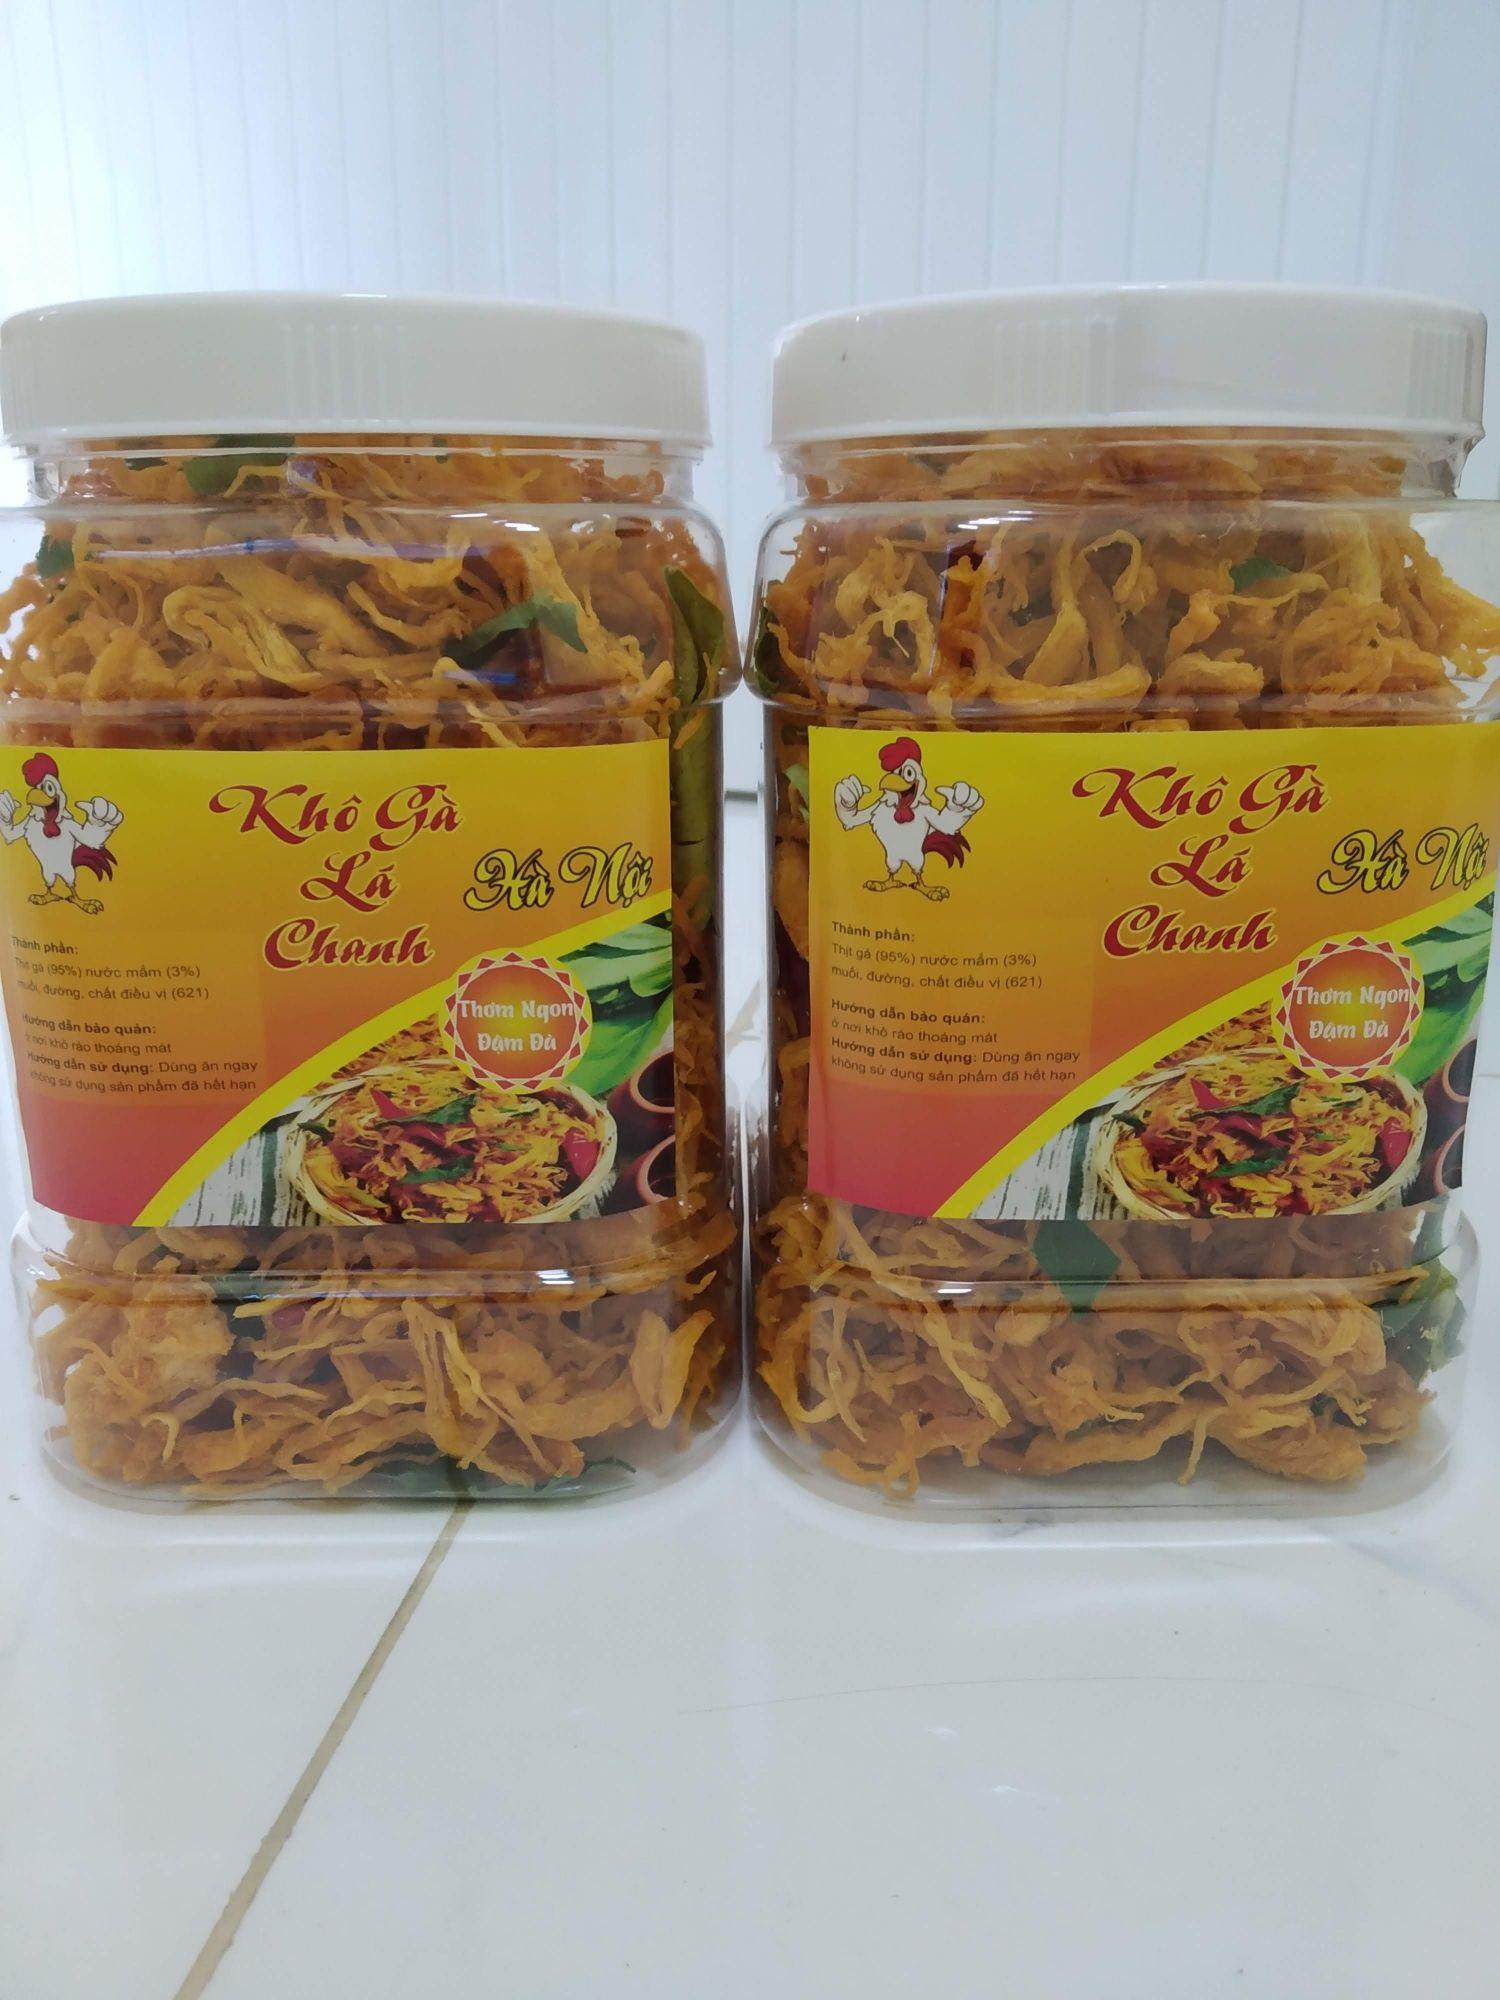 [HCM]1kg Khô gà lá chanh nguyên liệu tự nhiên hương vị thơm ngon hấp dẫn đảm bảo vệ sinh an toàn thực phẩ